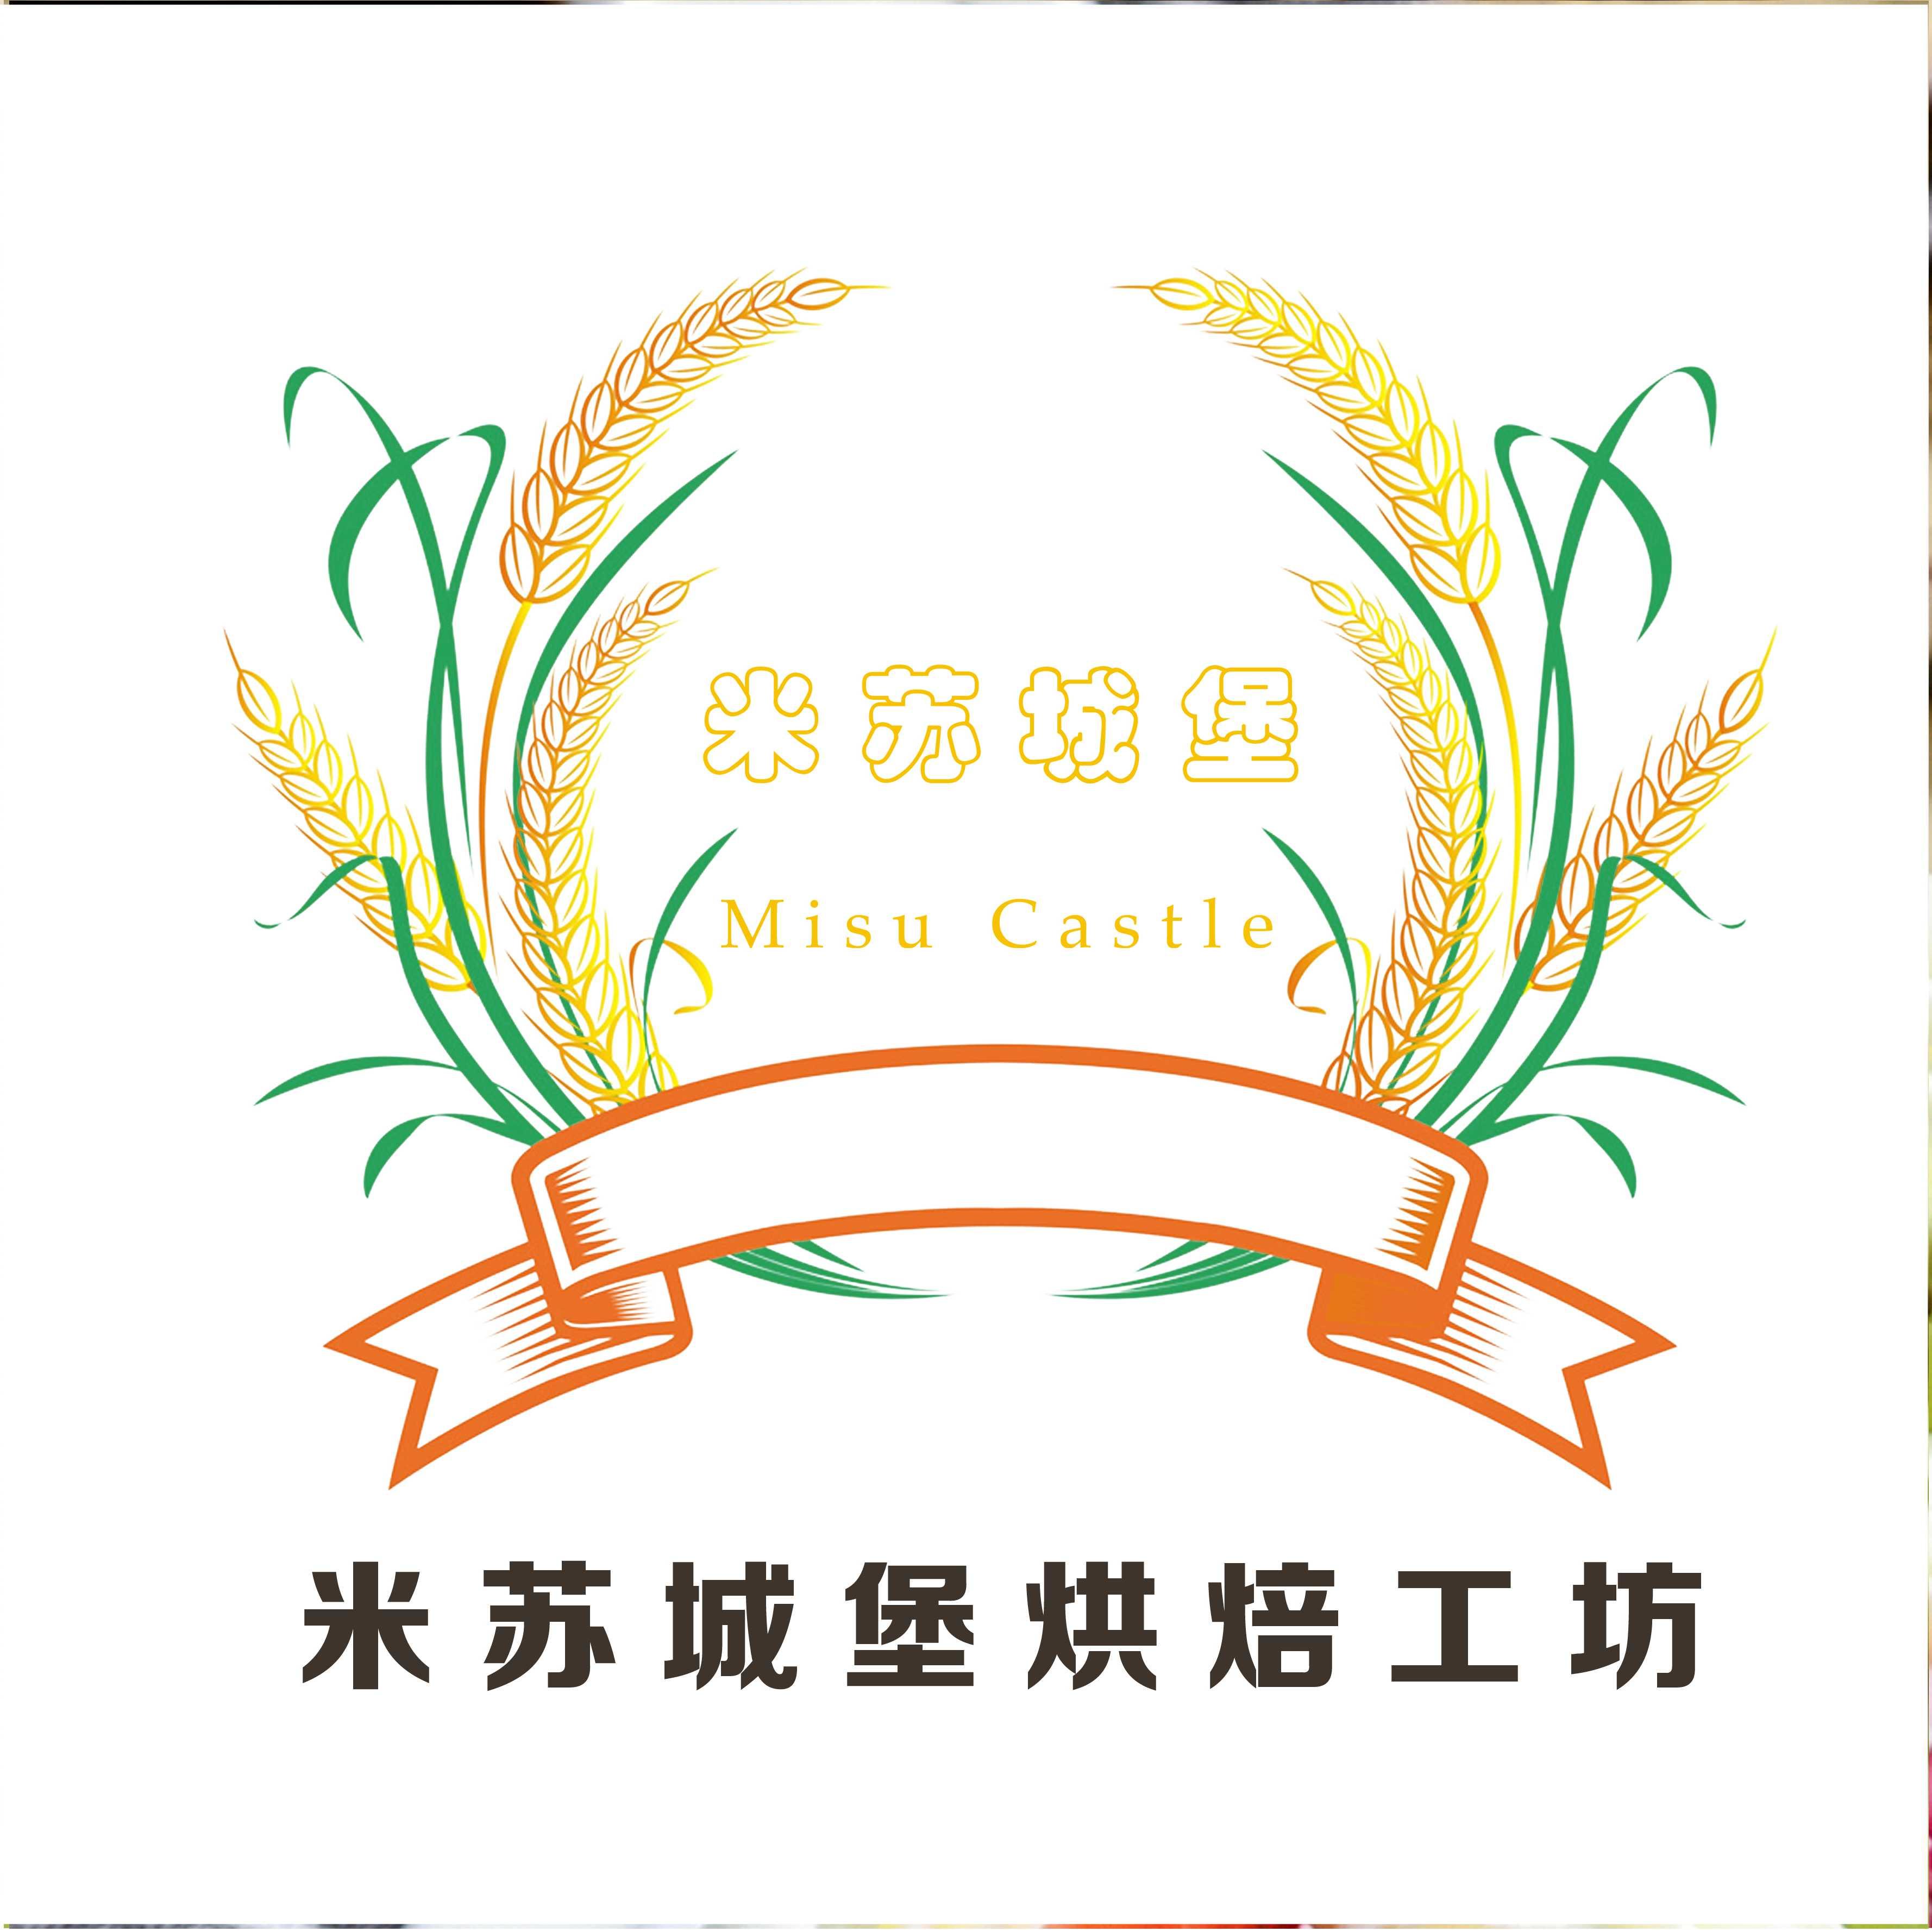 萧县米苏城堡烘焙工坊